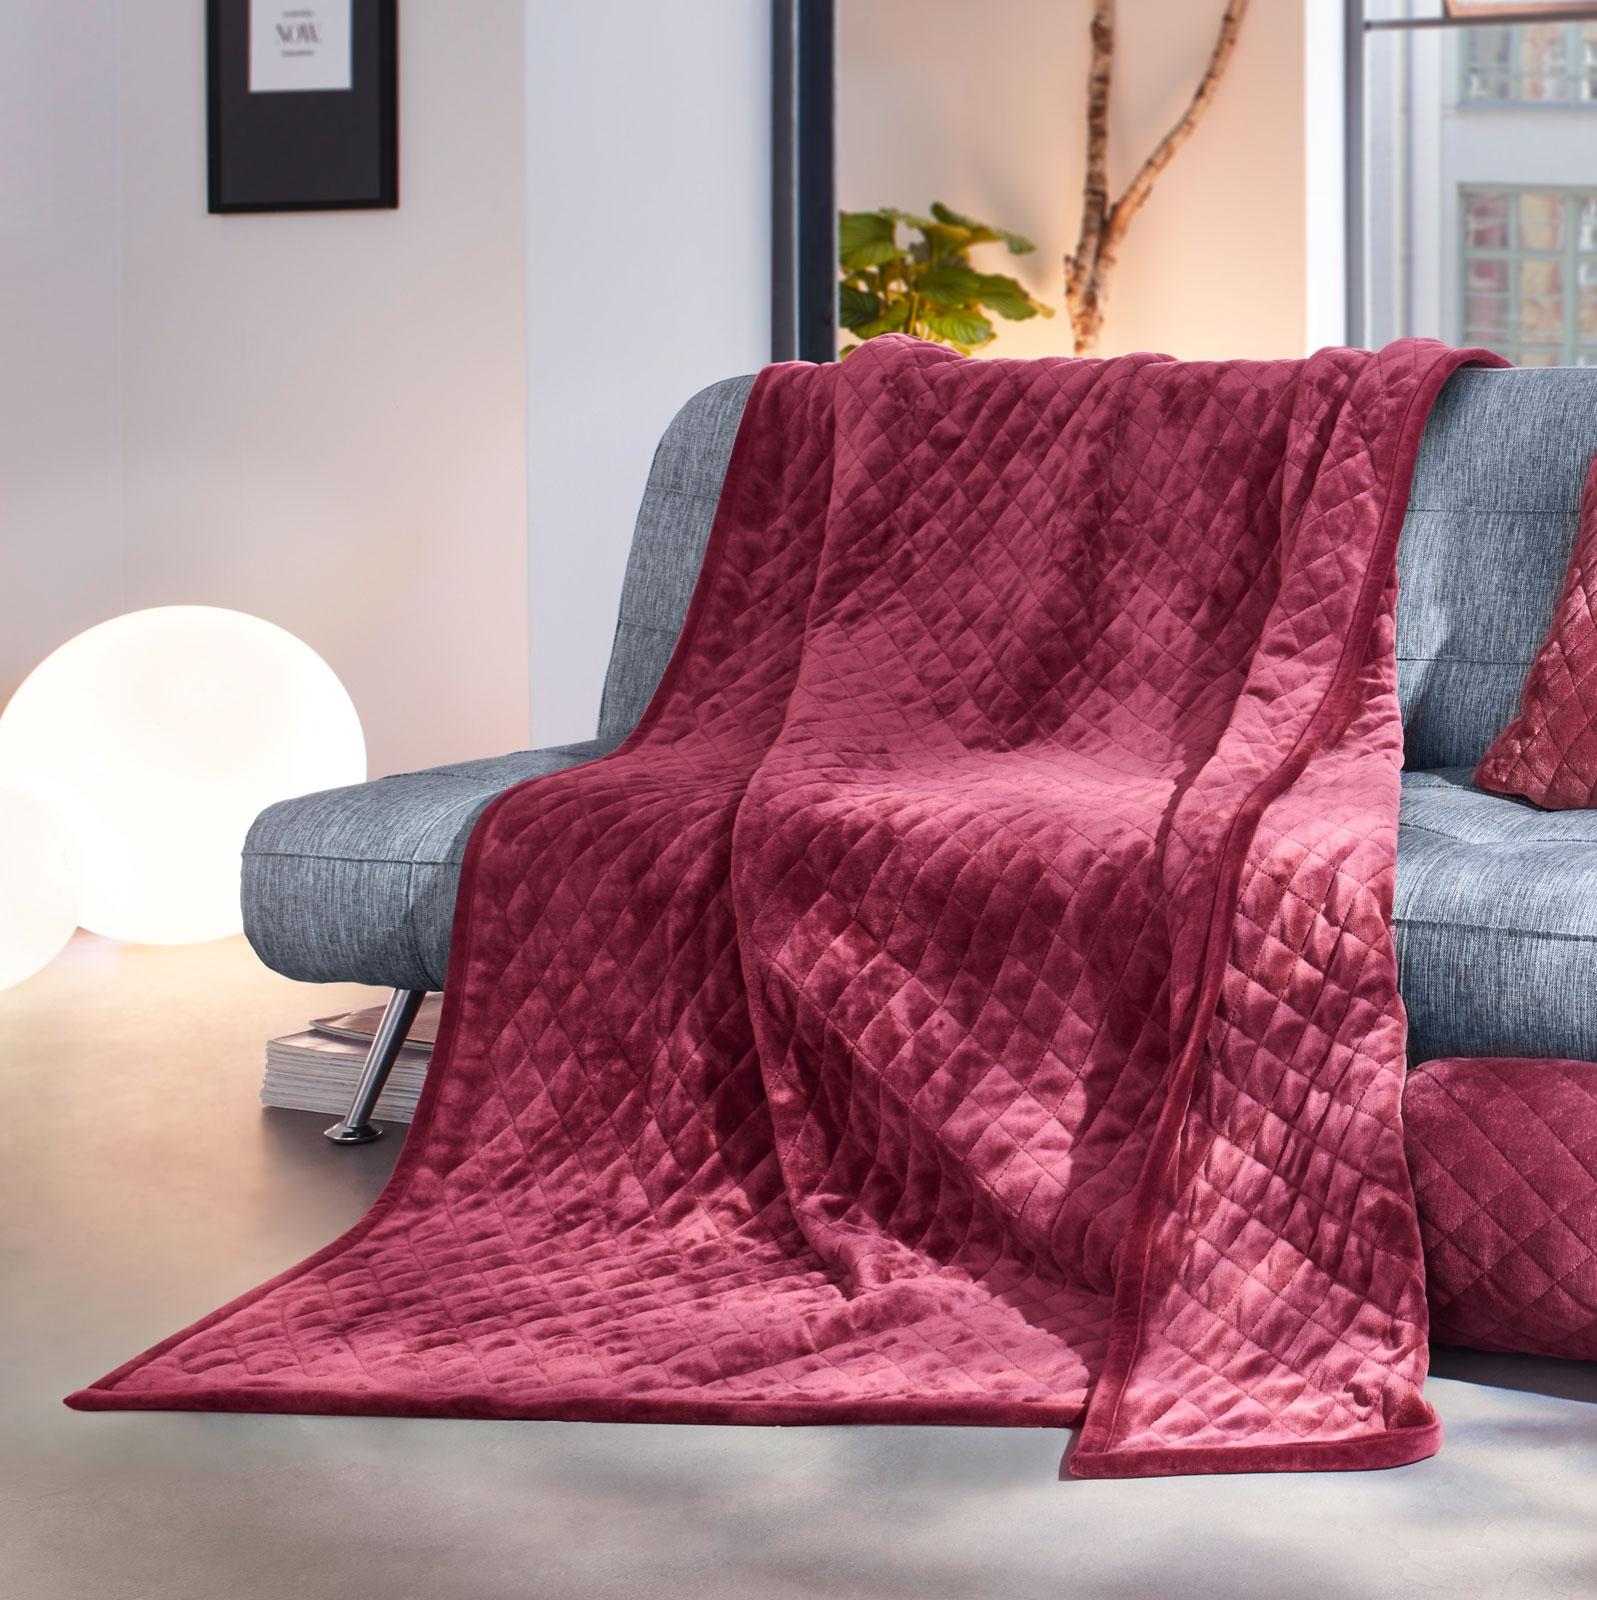 Wohndecken und Kissen - Gözze Wohndecke gesteppt 150x200 beere Duftset  - Onlineshop PremiumShop321